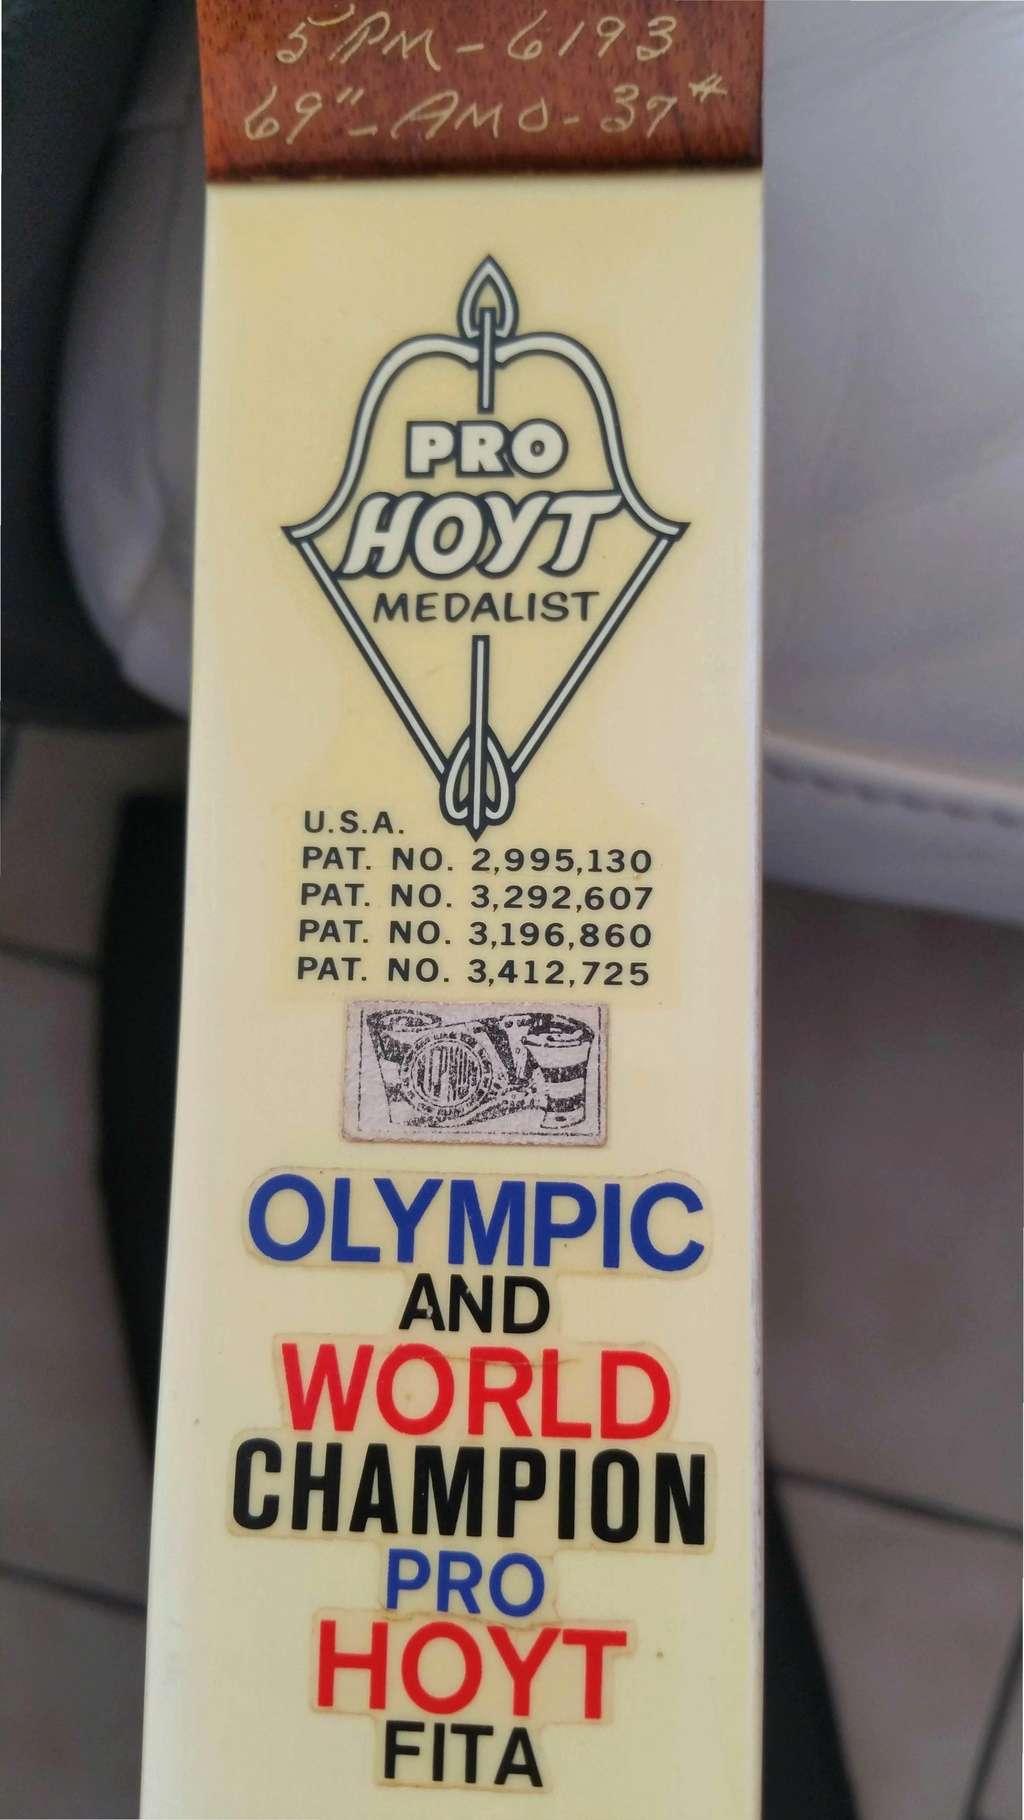 Demande reglage sur Hoyt Pro Medalist Hoyt_f10